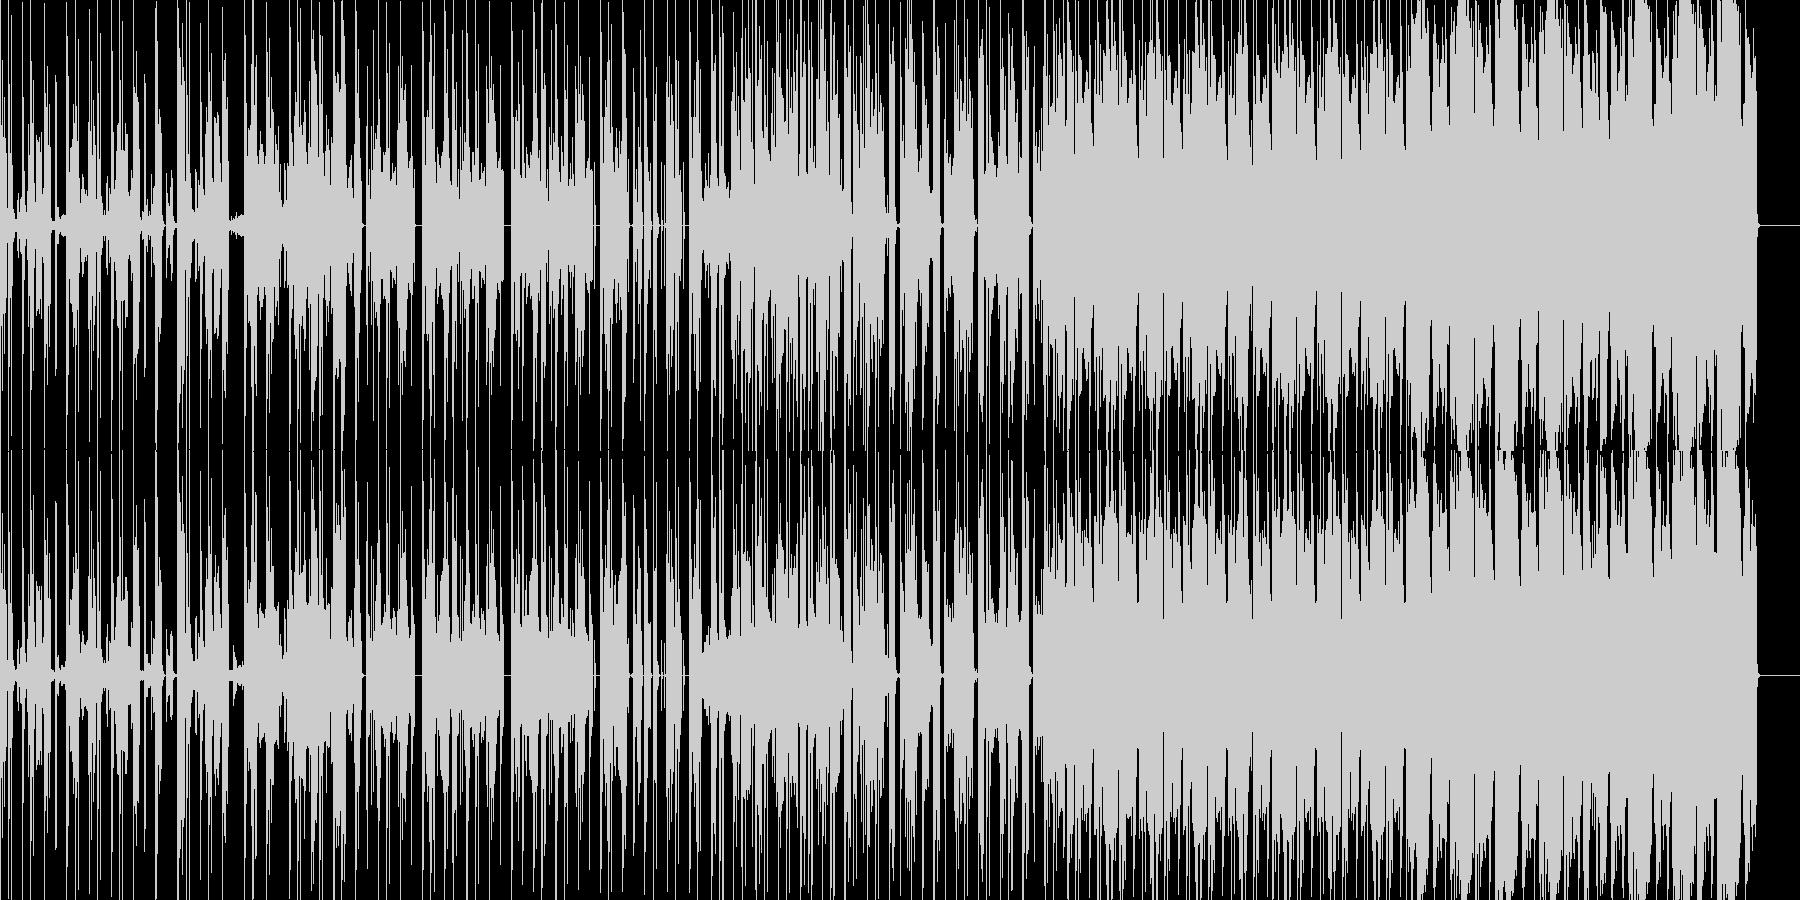 ほのぼのした雰囲気のヒップホップの未再生の波形